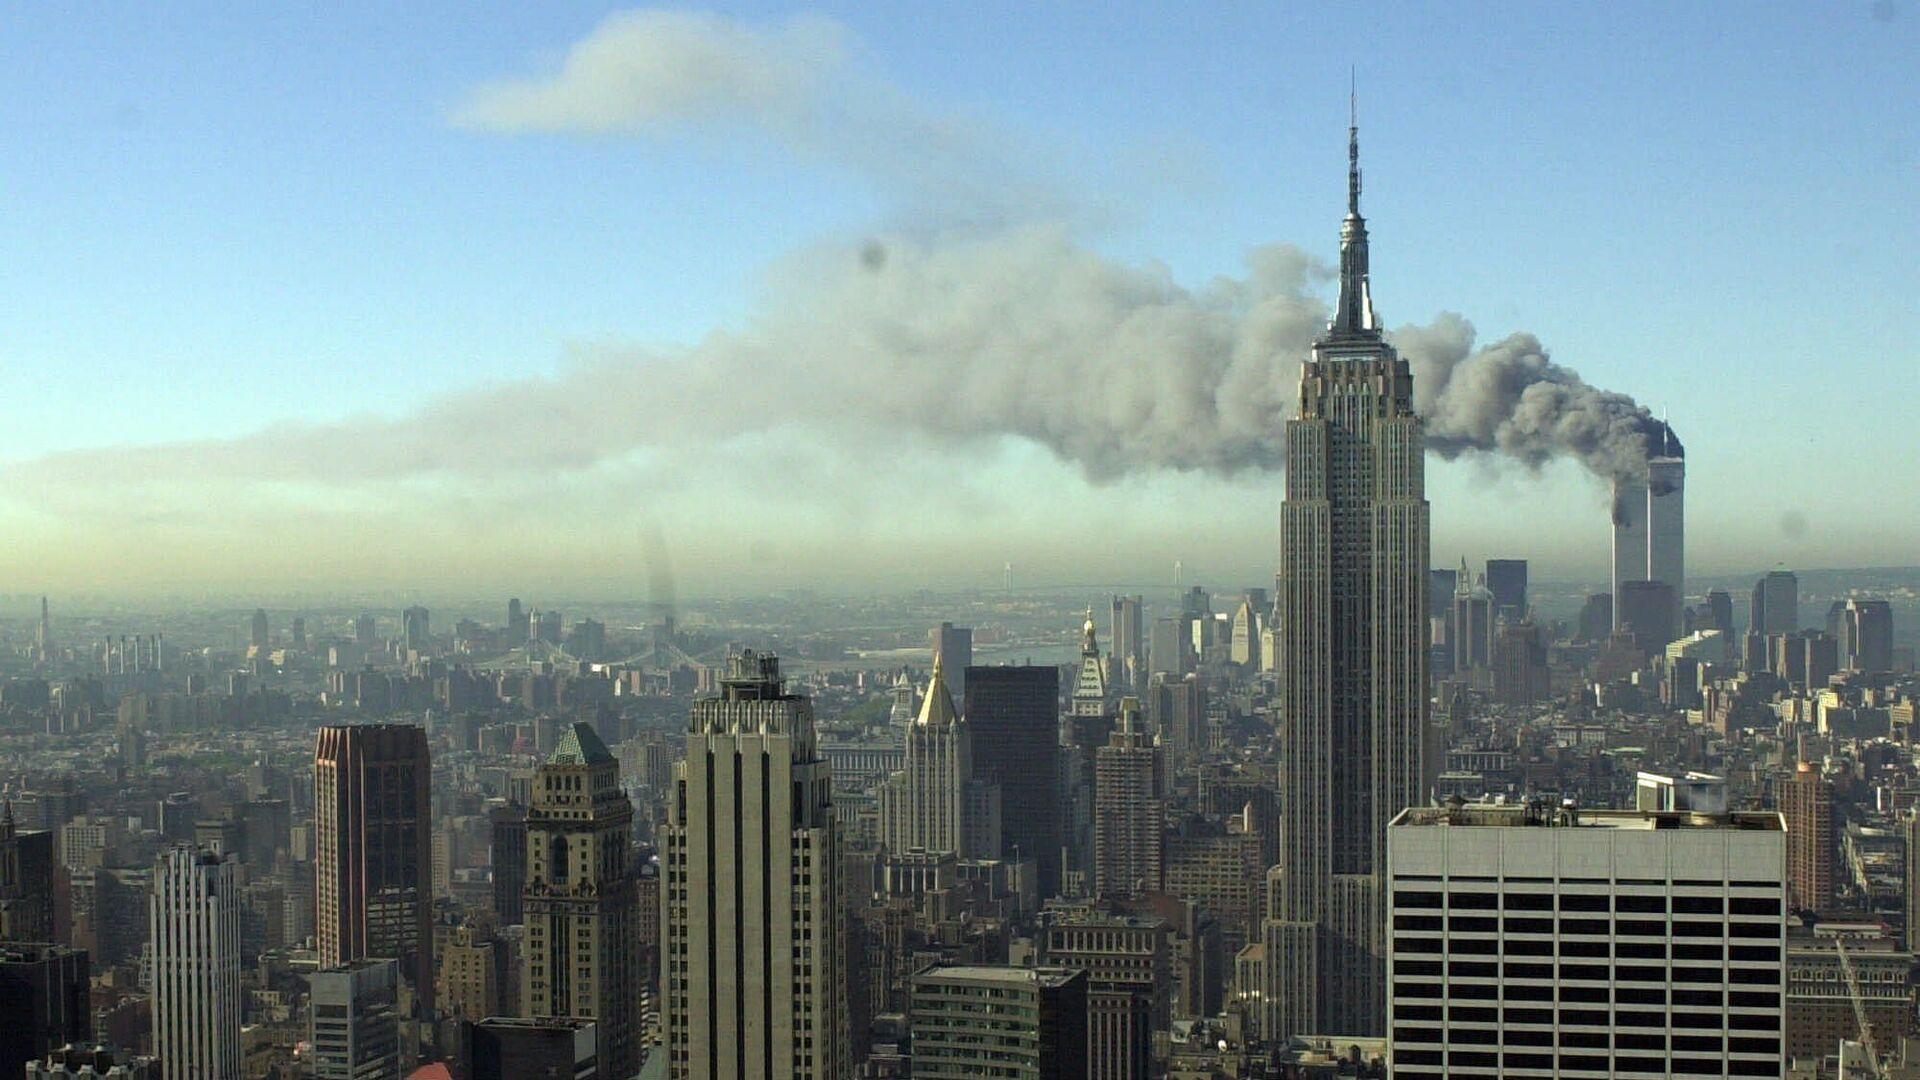 Dym z wież WTC po zamachu 11 września 2001 w Nowym Jorku - Sputnik Polska, 1920, 12.09.2021